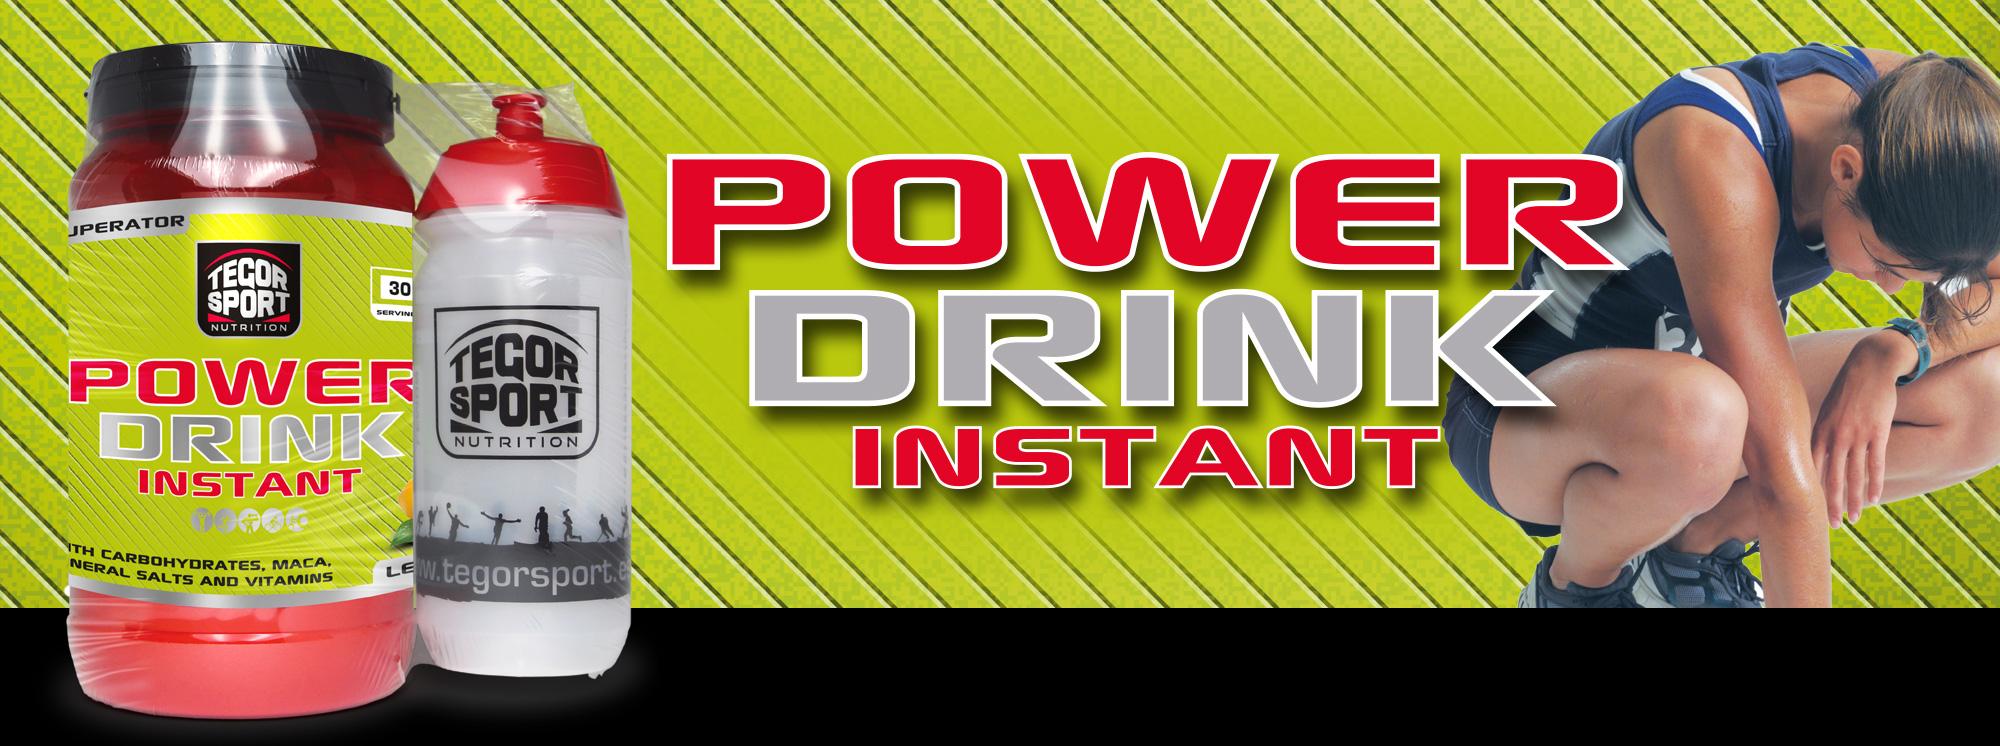 Bote de la bebida isotónia Power Drink Instant con coctelera y mujer atleta